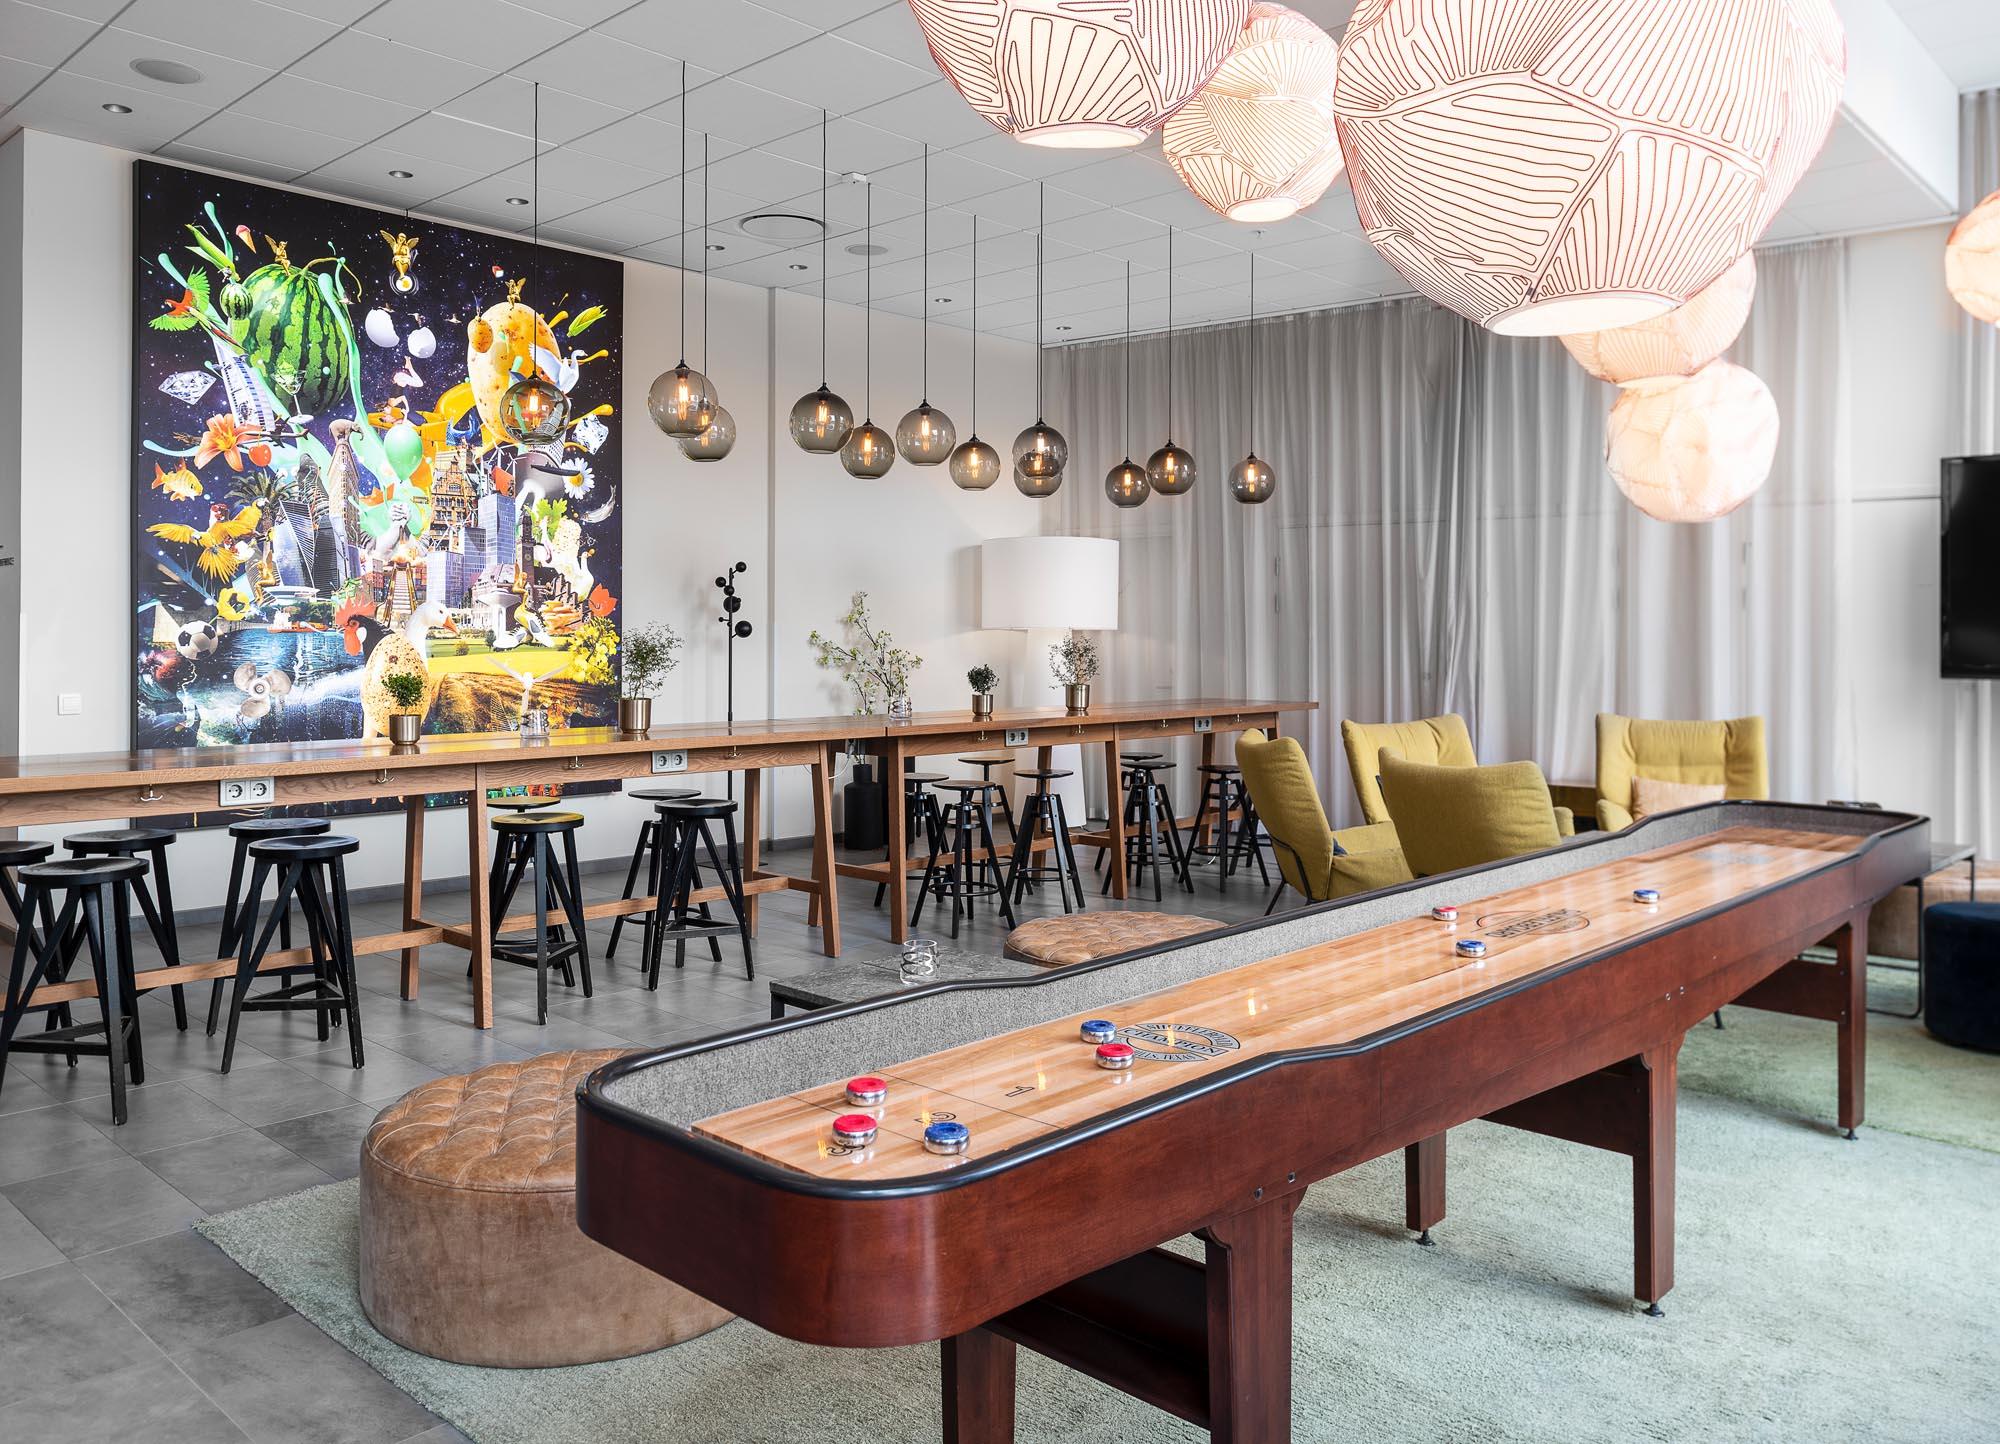 bar-lounge-shuffleboard-view-quality-hotel-view